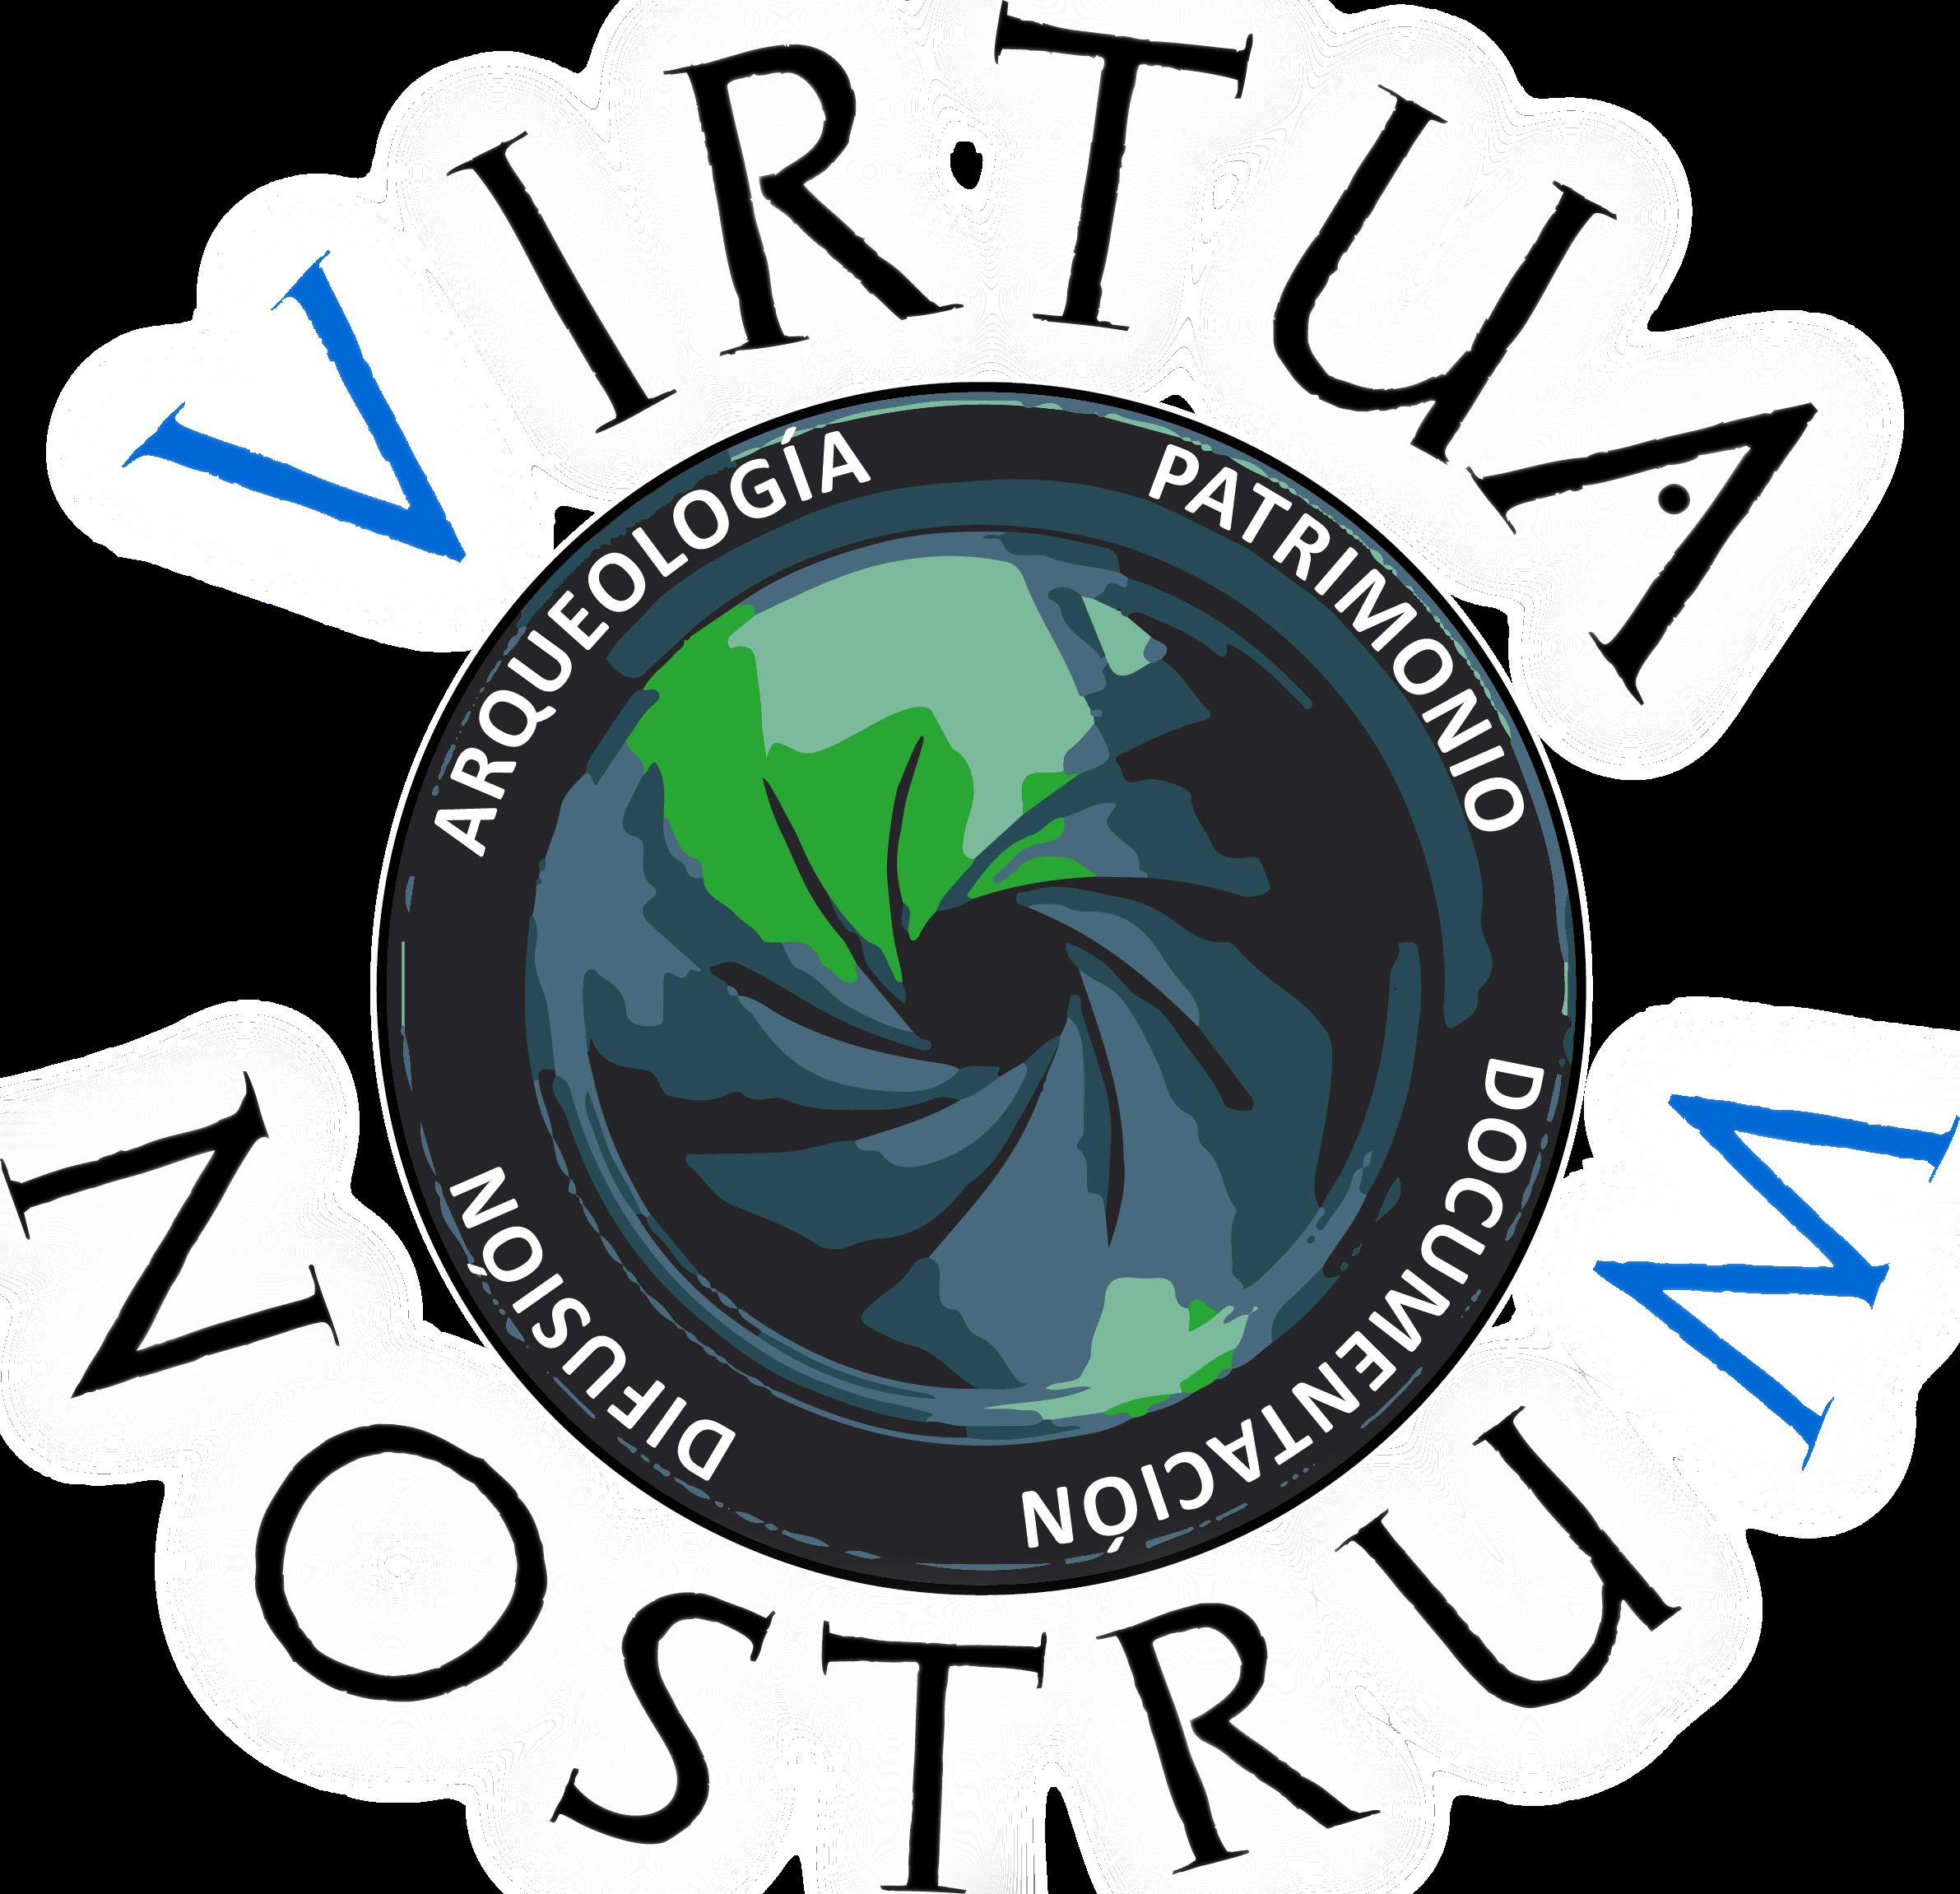 Virtua Nostrum